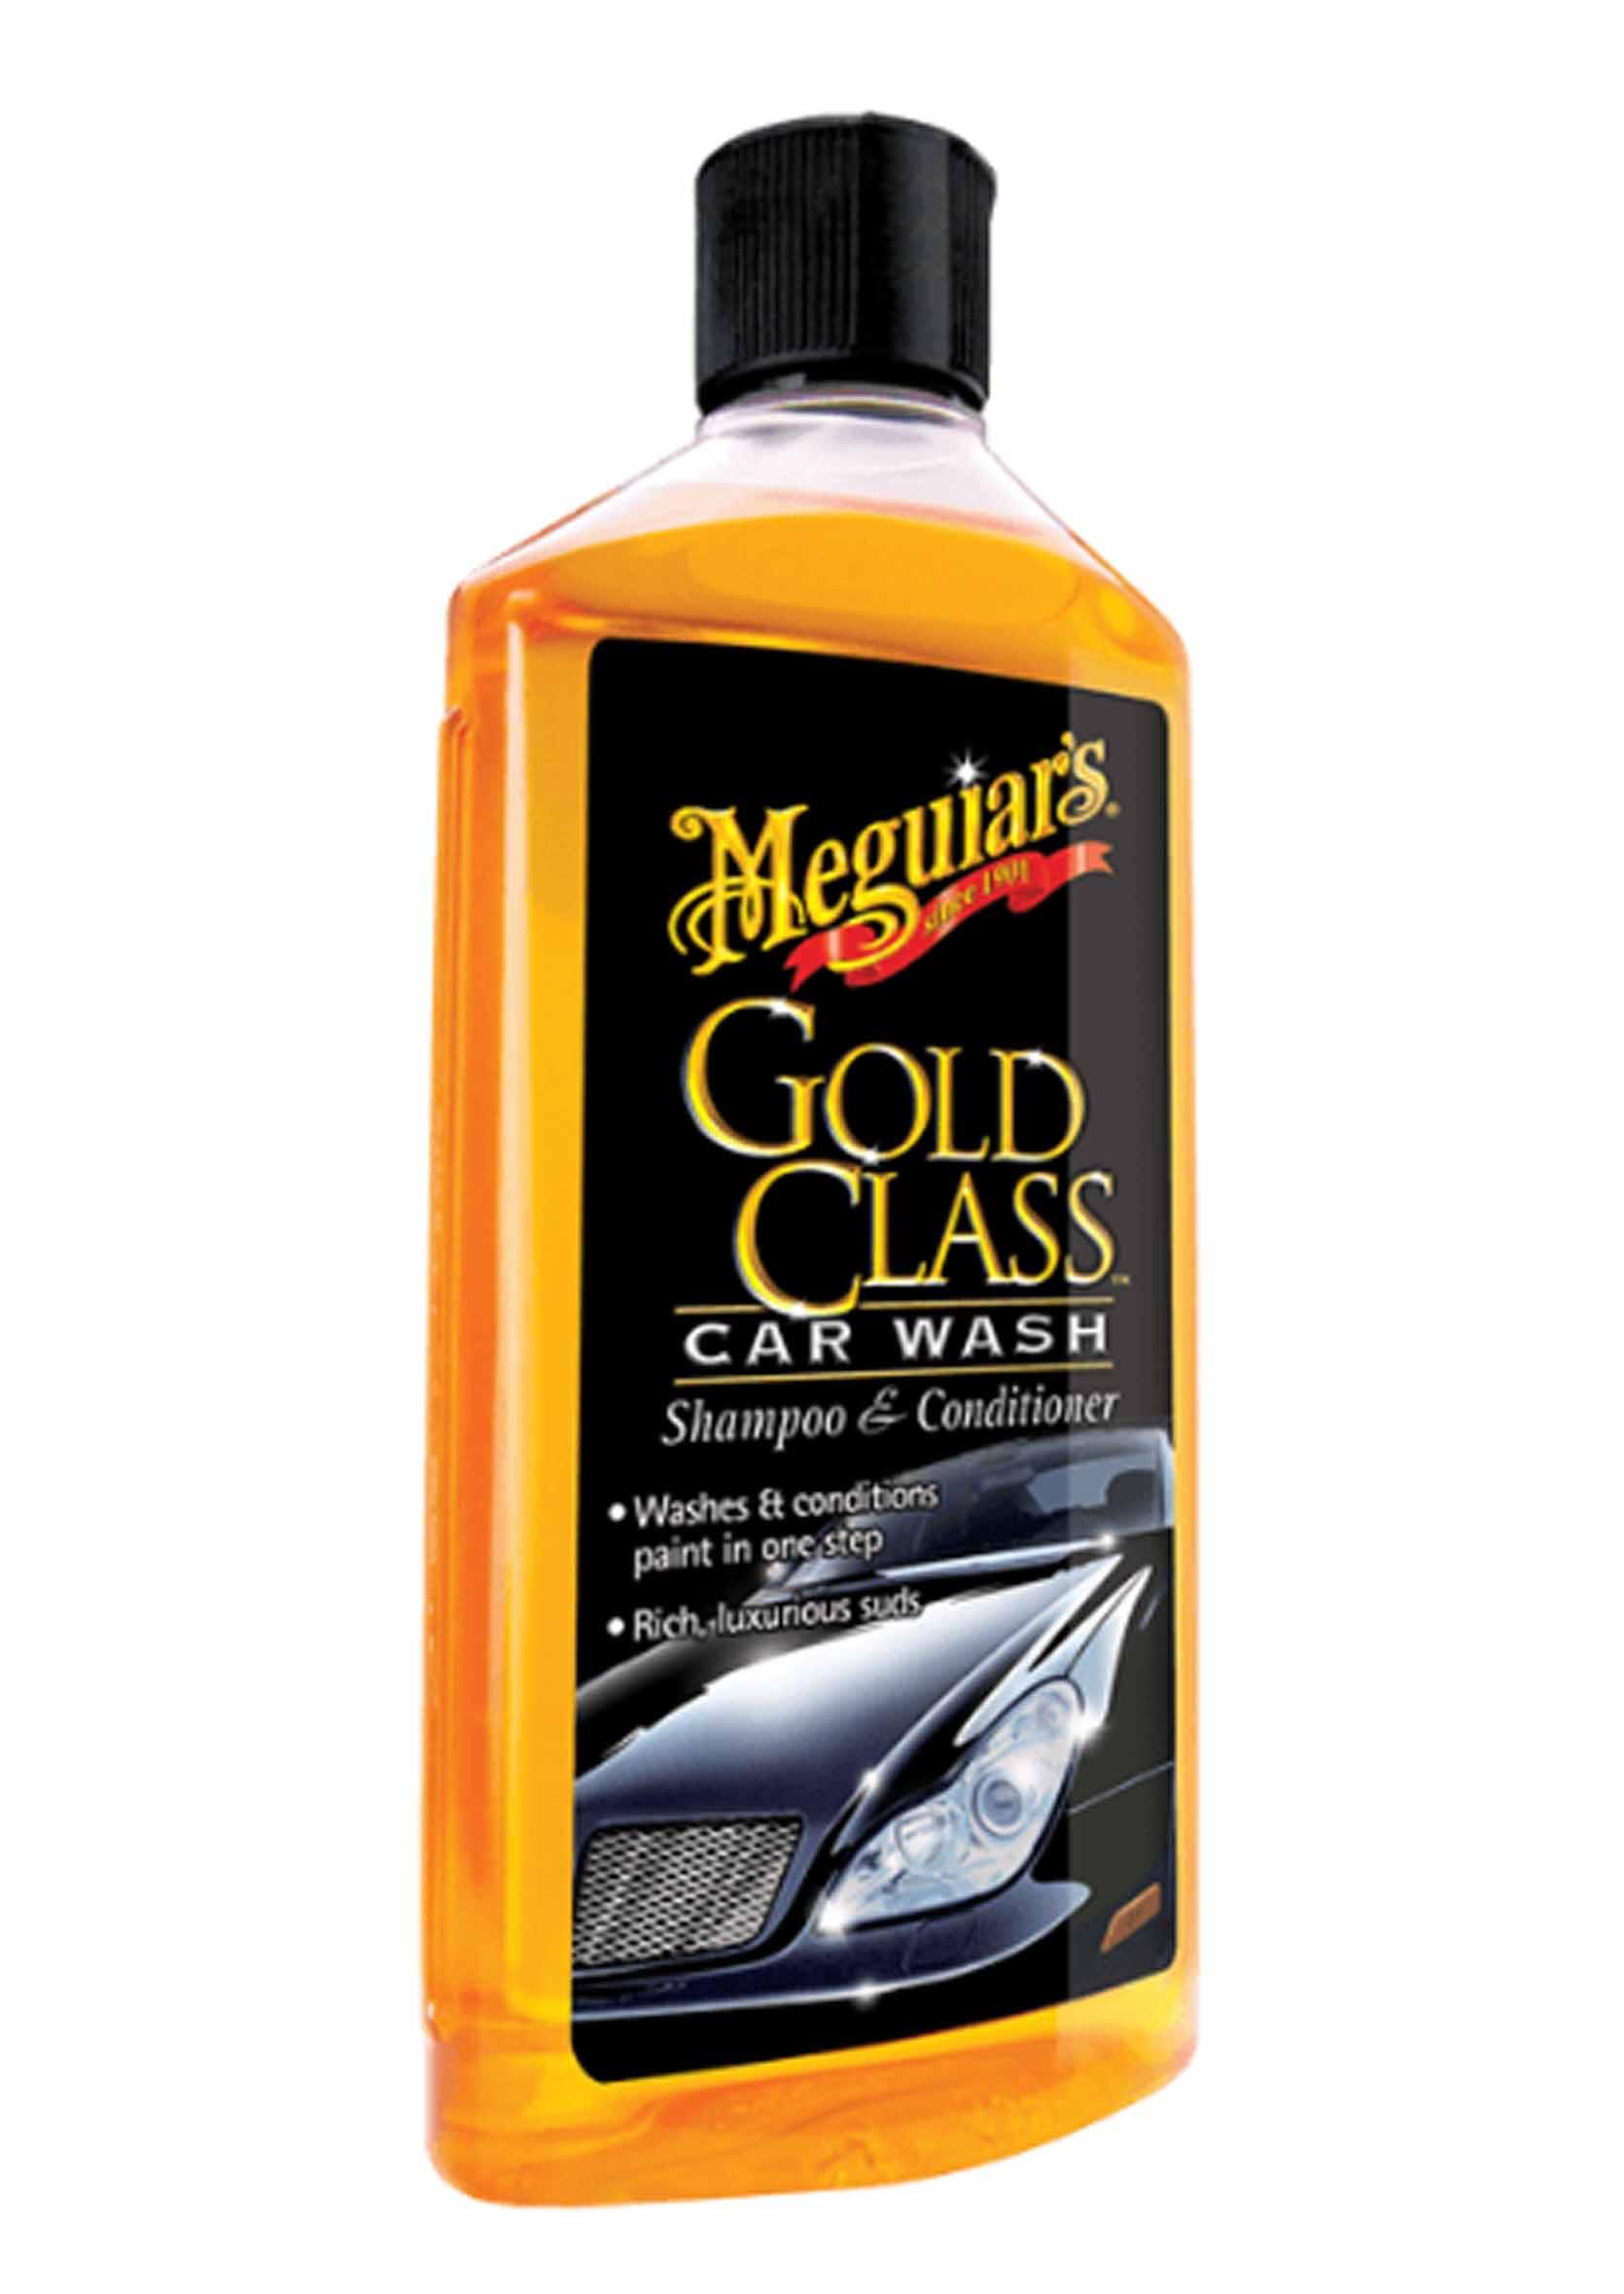 Szampon z Odżywką do Mycia Samochodów Meguiars Gold Class Car Wash 473 ml